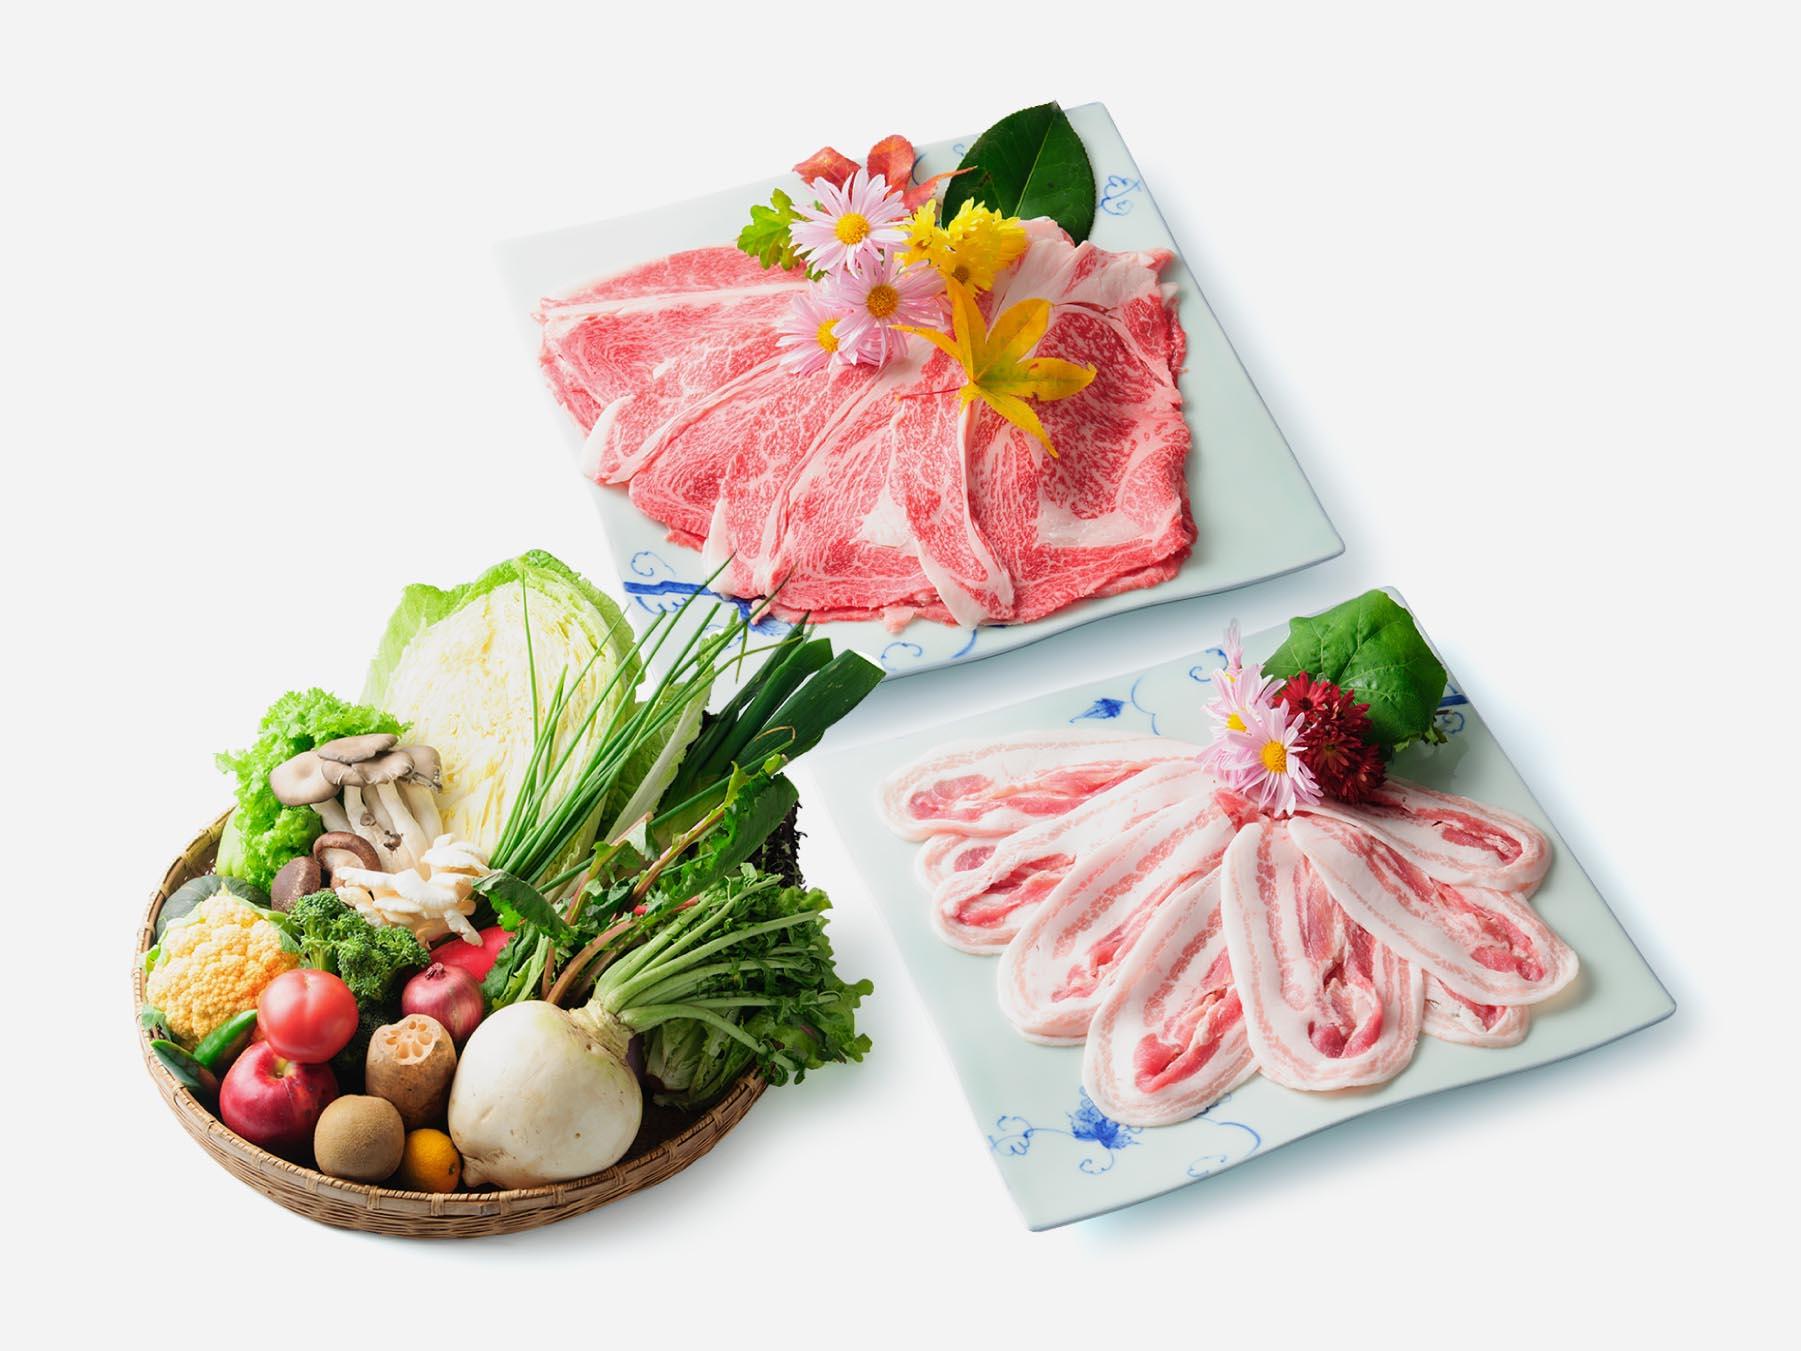 上州和牛/新鮮な野菜/上州麦豚(食材写真)